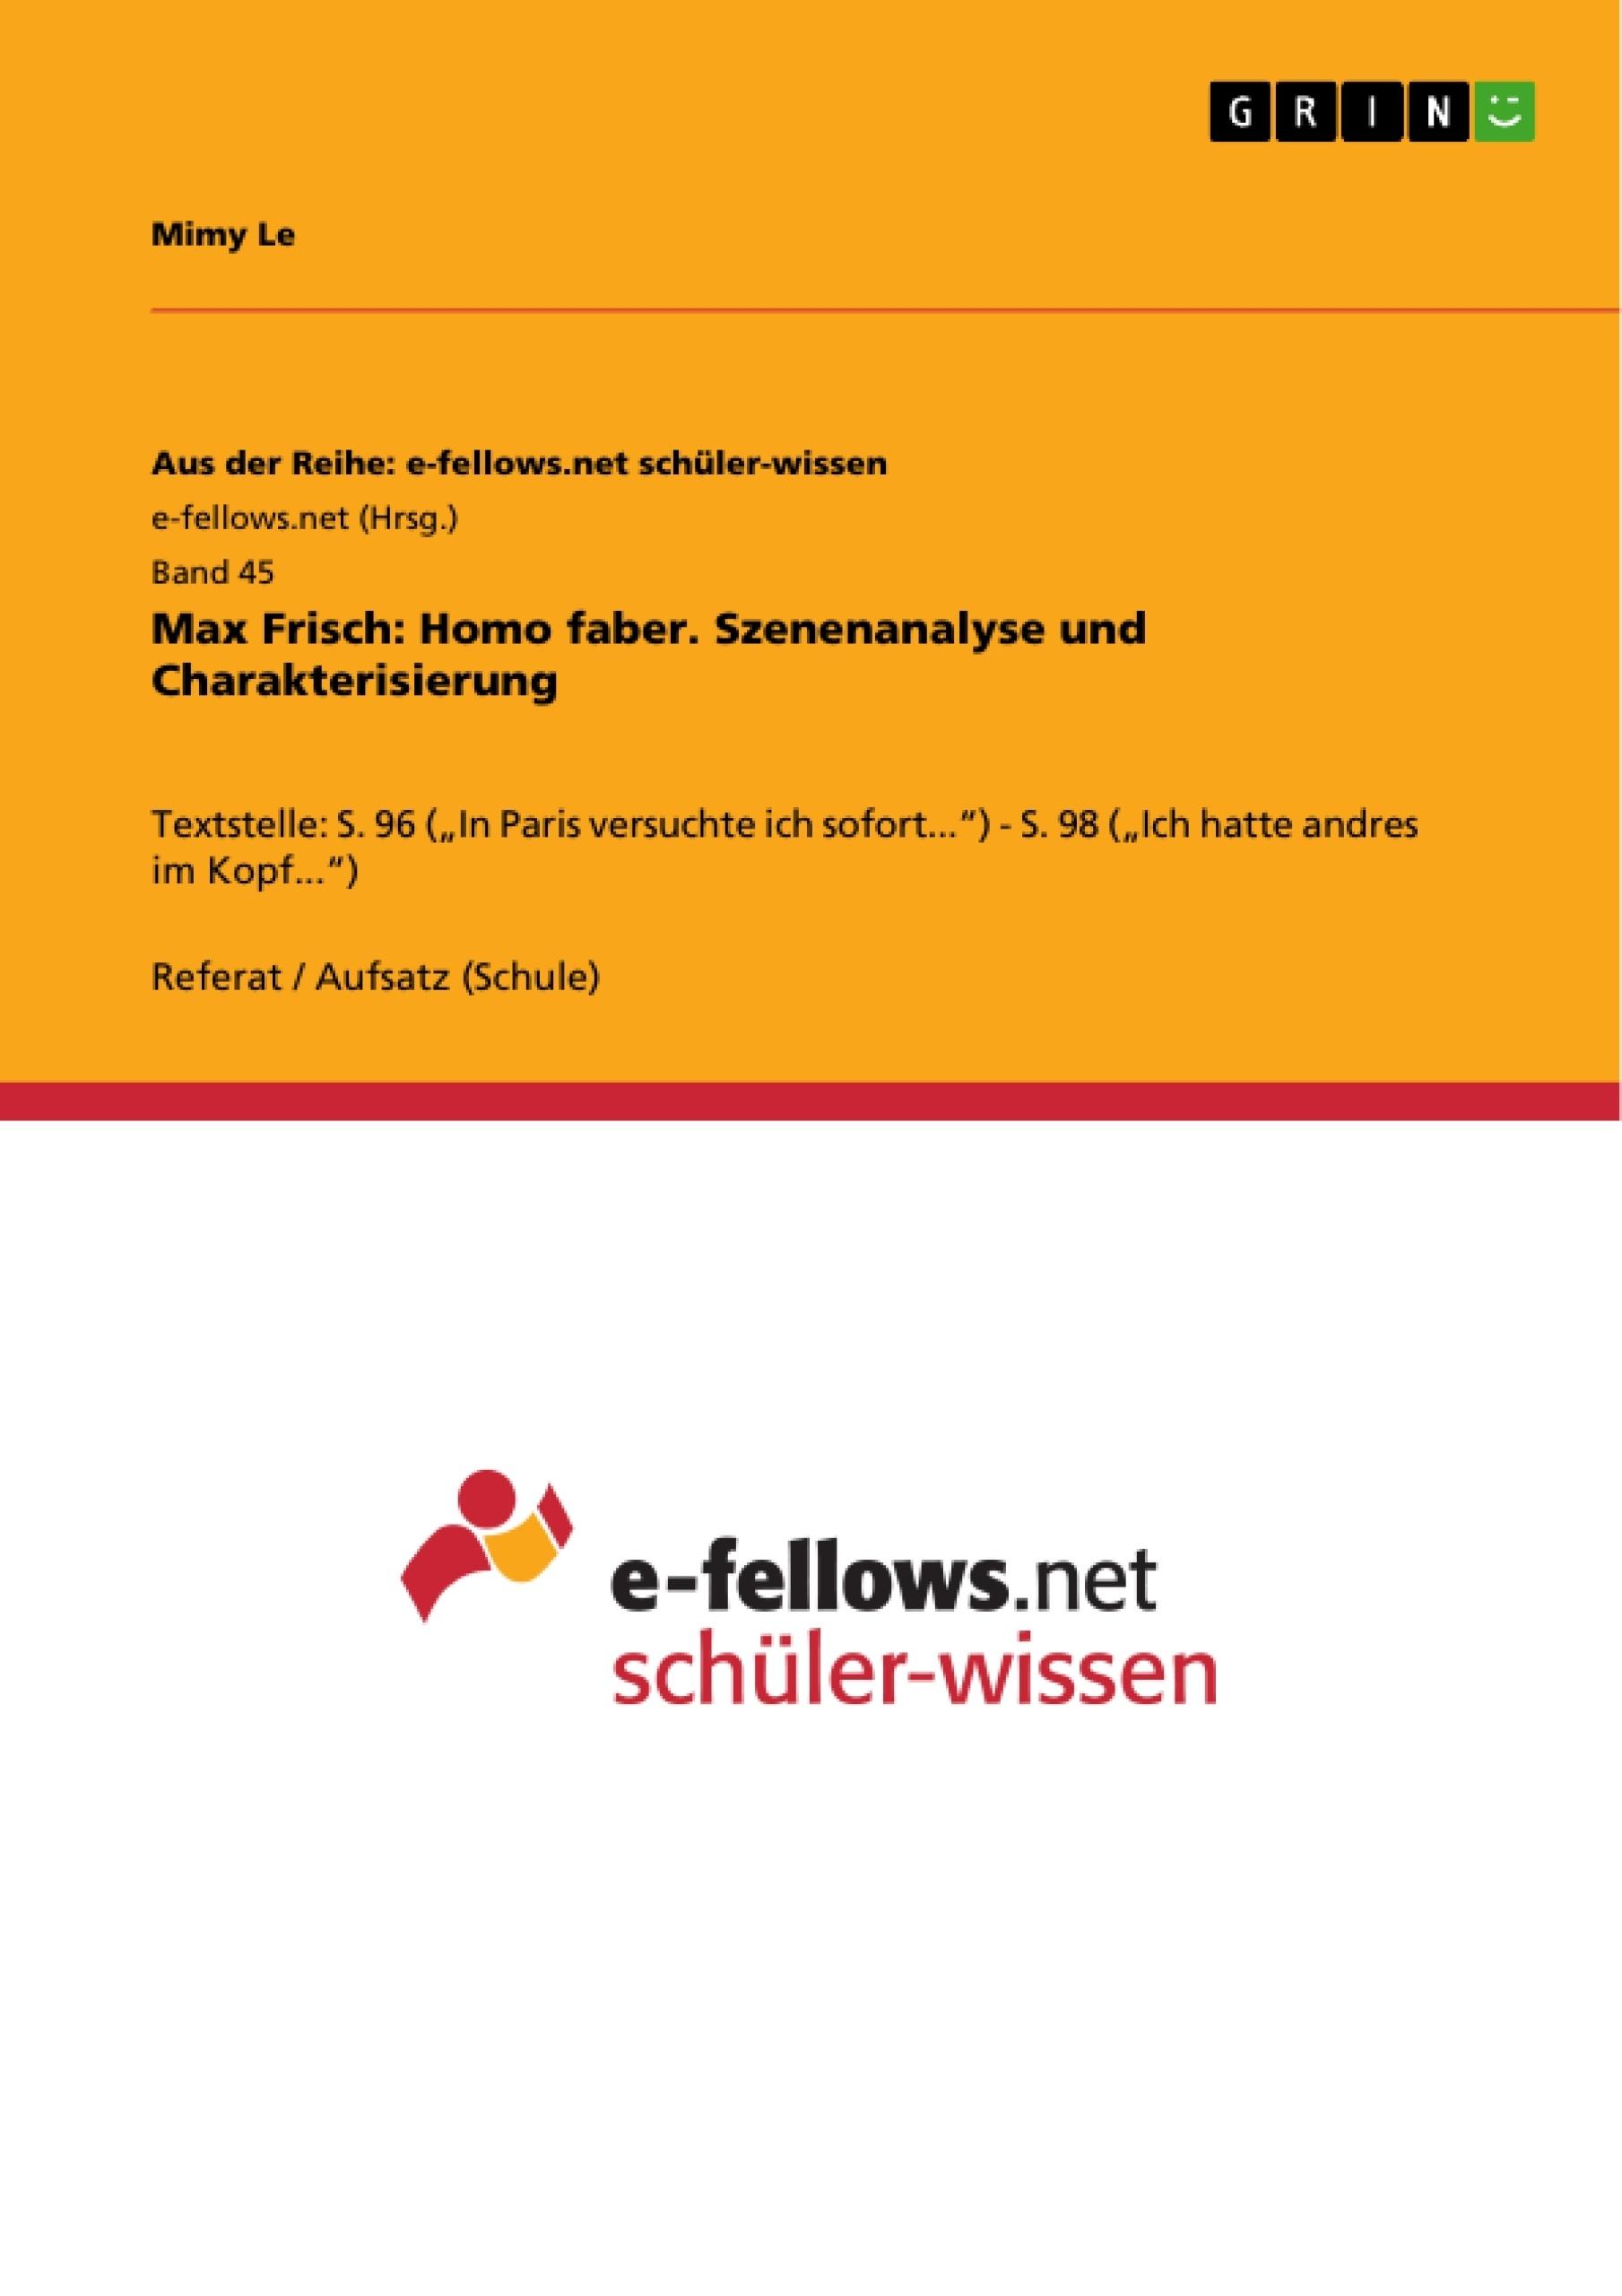 Titel: Max Frisch: Homo faber. Szenenanalyse und Charakterisierung